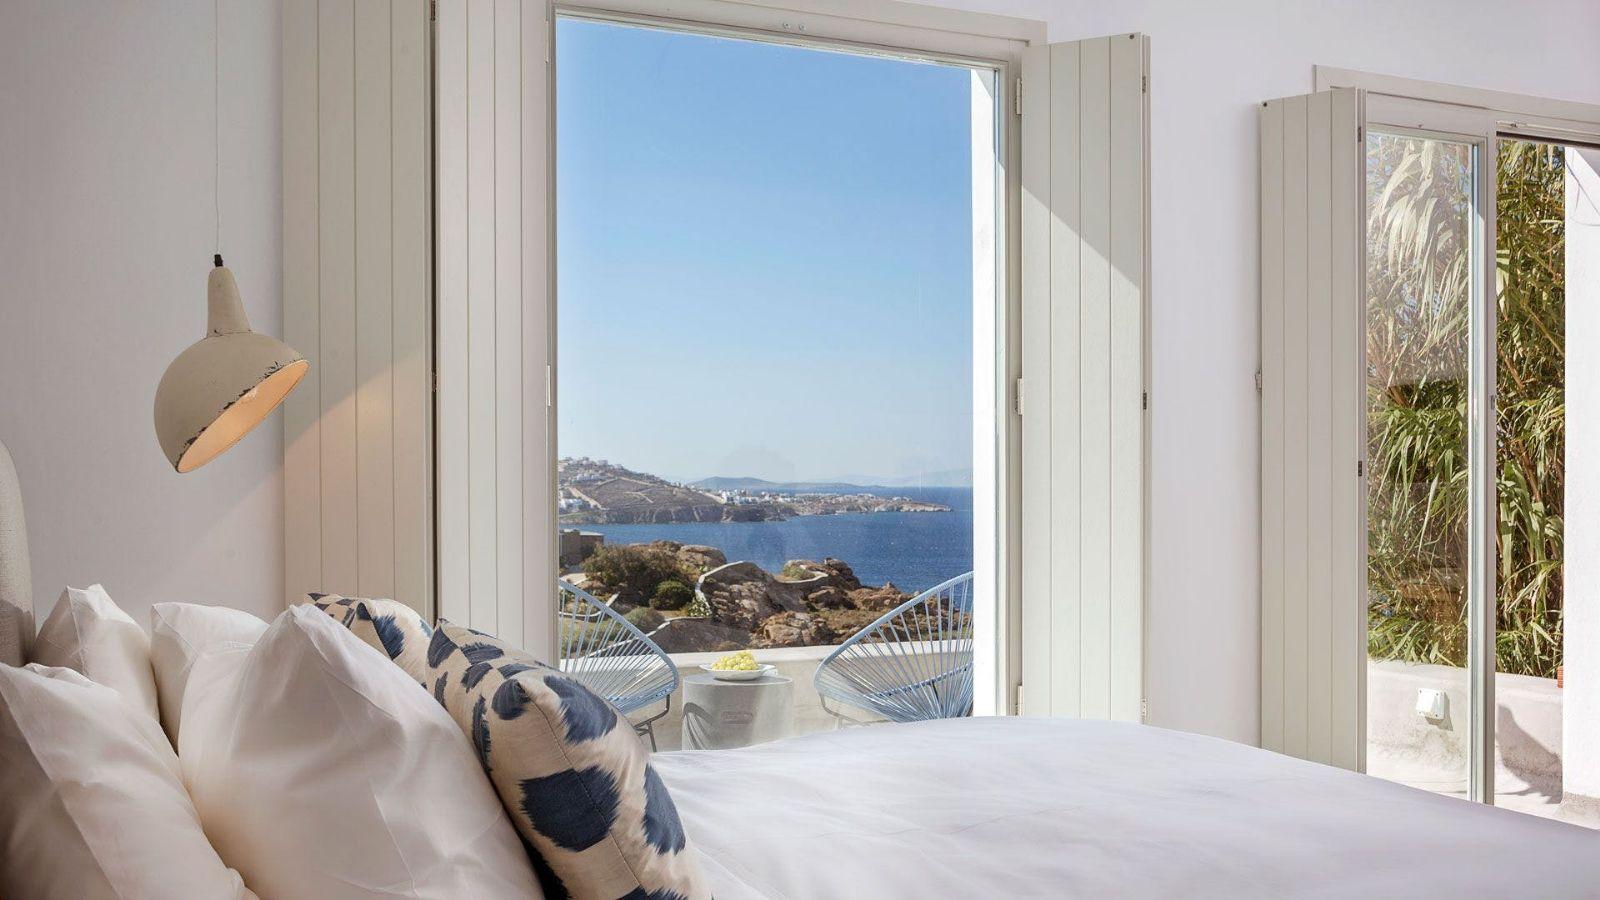 Hotel med havudsigt i Grækenland